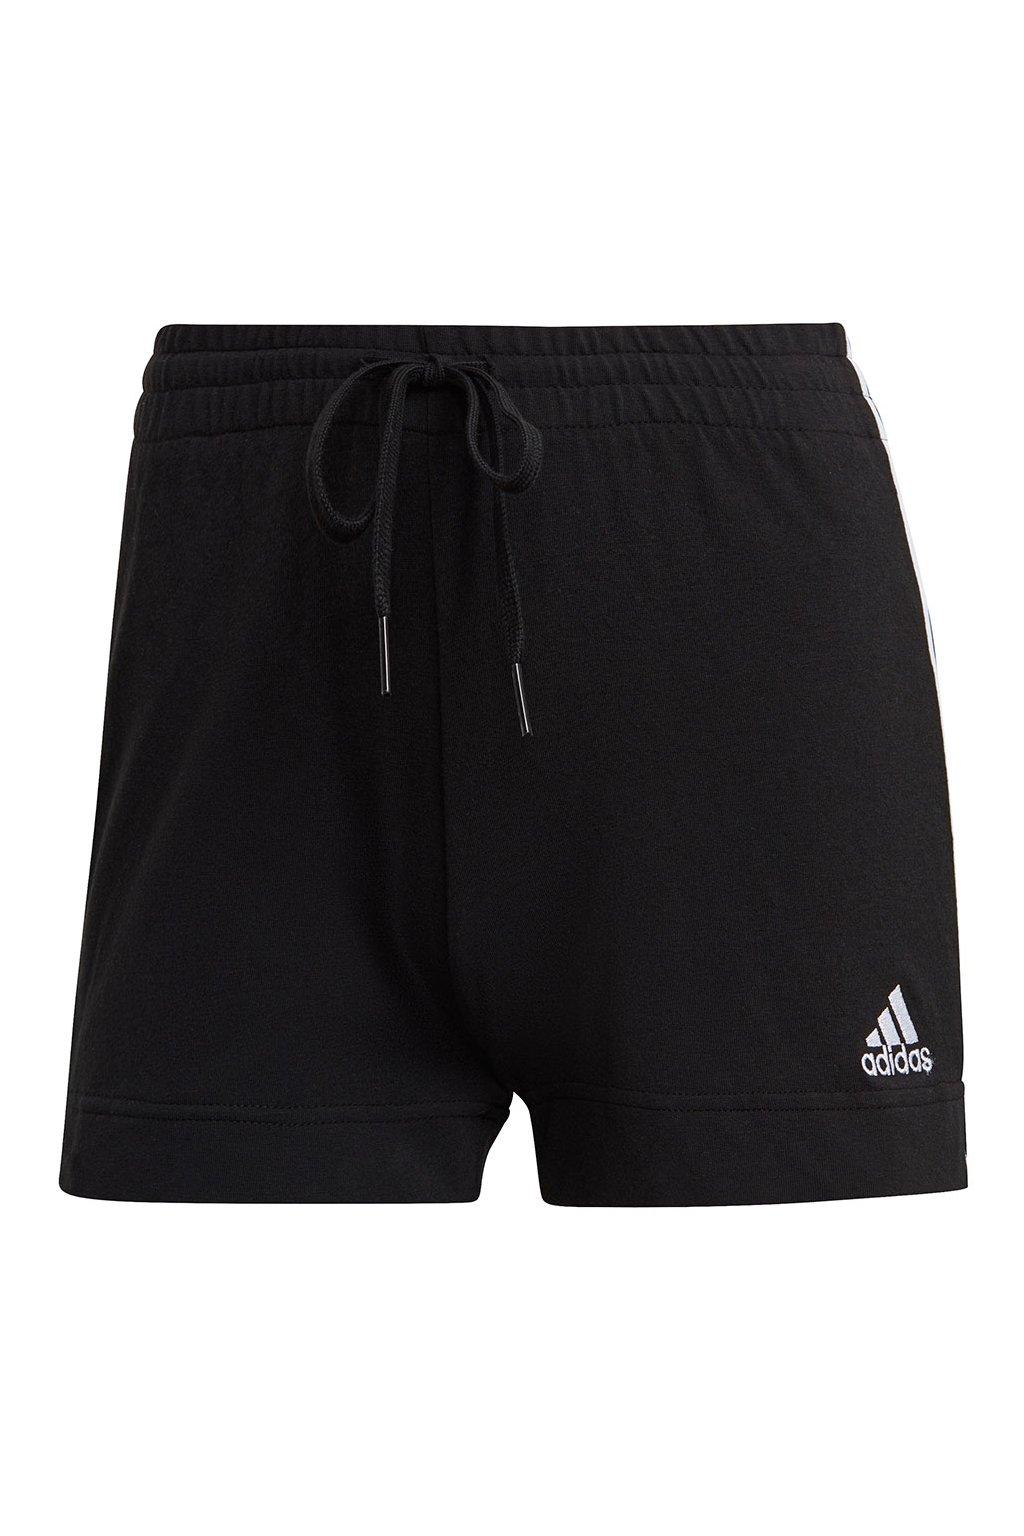 Dámske kraťasy Adidas Essentials Slim čierno-biele GM5523